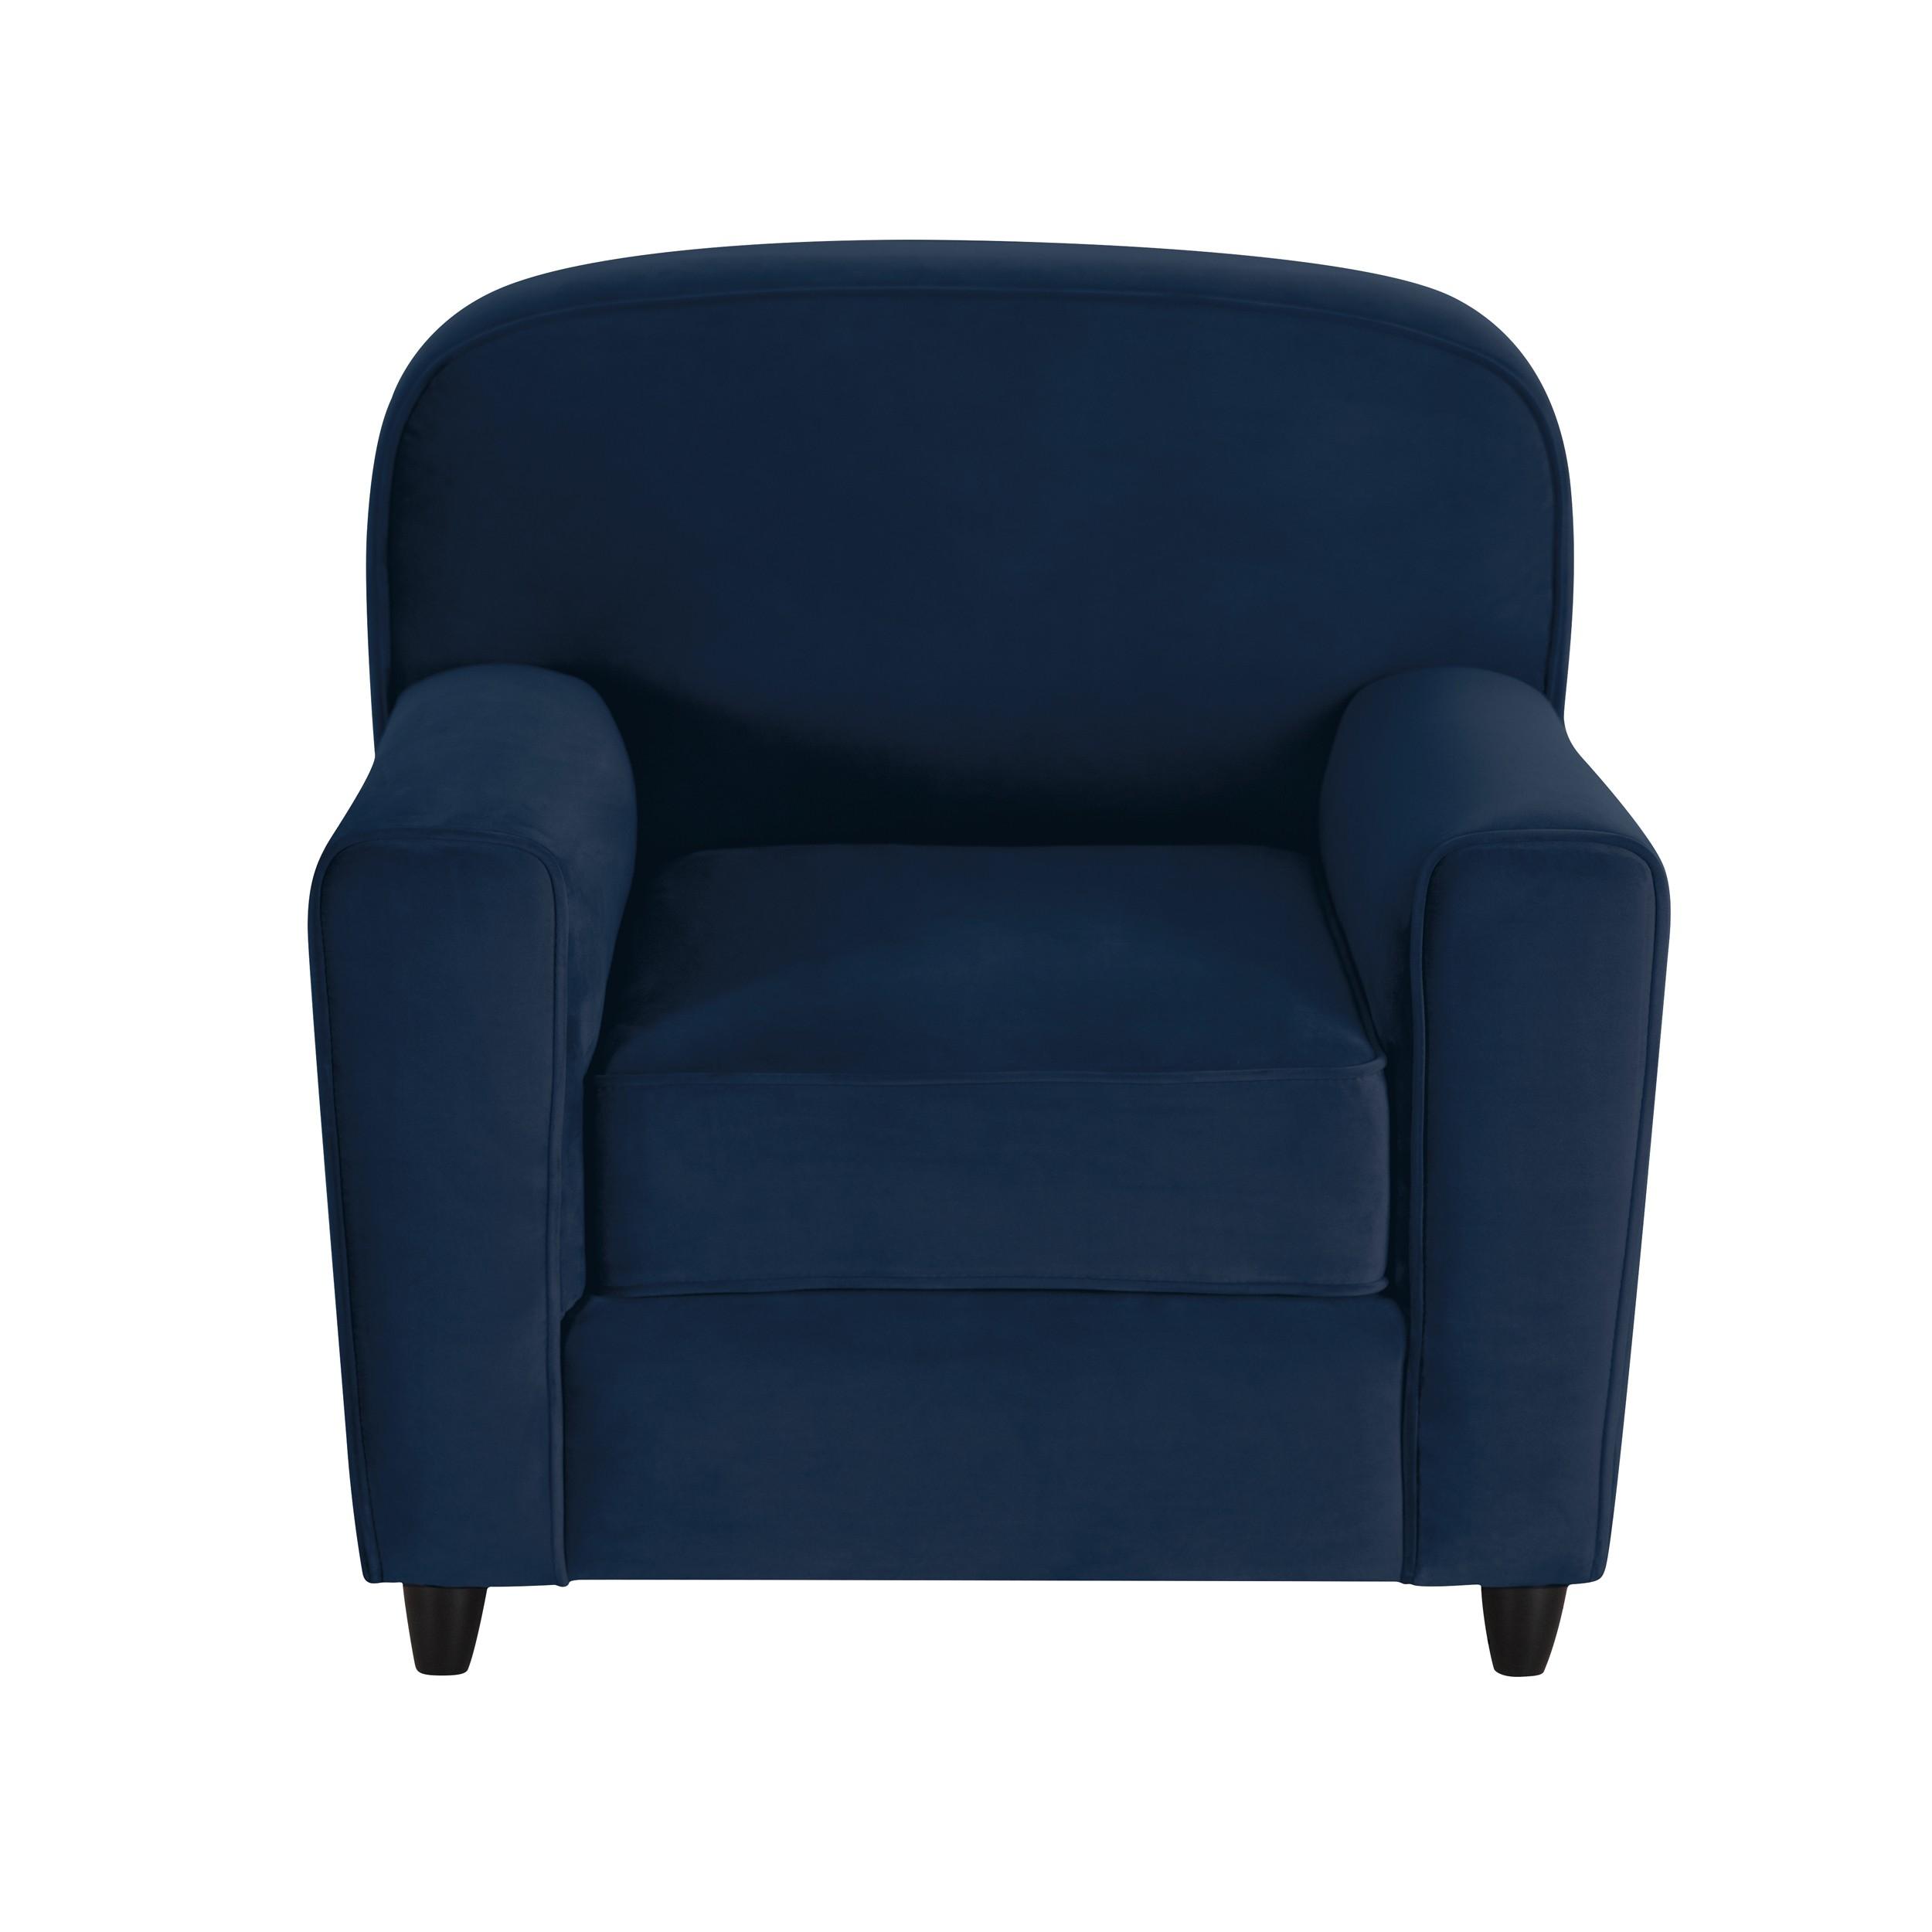 acheter fauteuil club bleu velours